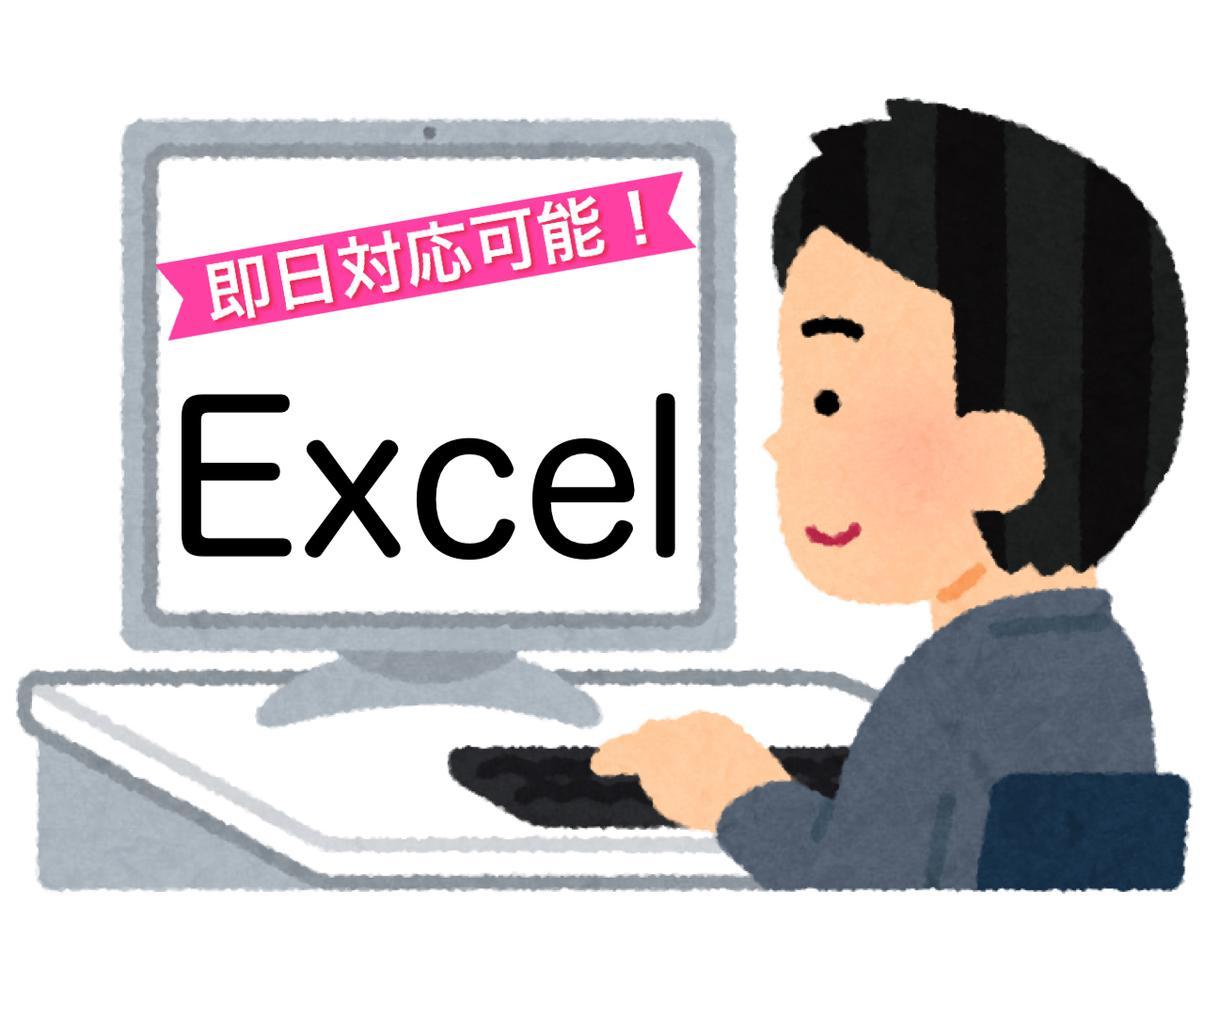 即日可能!Excelデータ入力•関数処理承ります 猫の手も借りたい!そんなあなたをサポートします! イメージ1